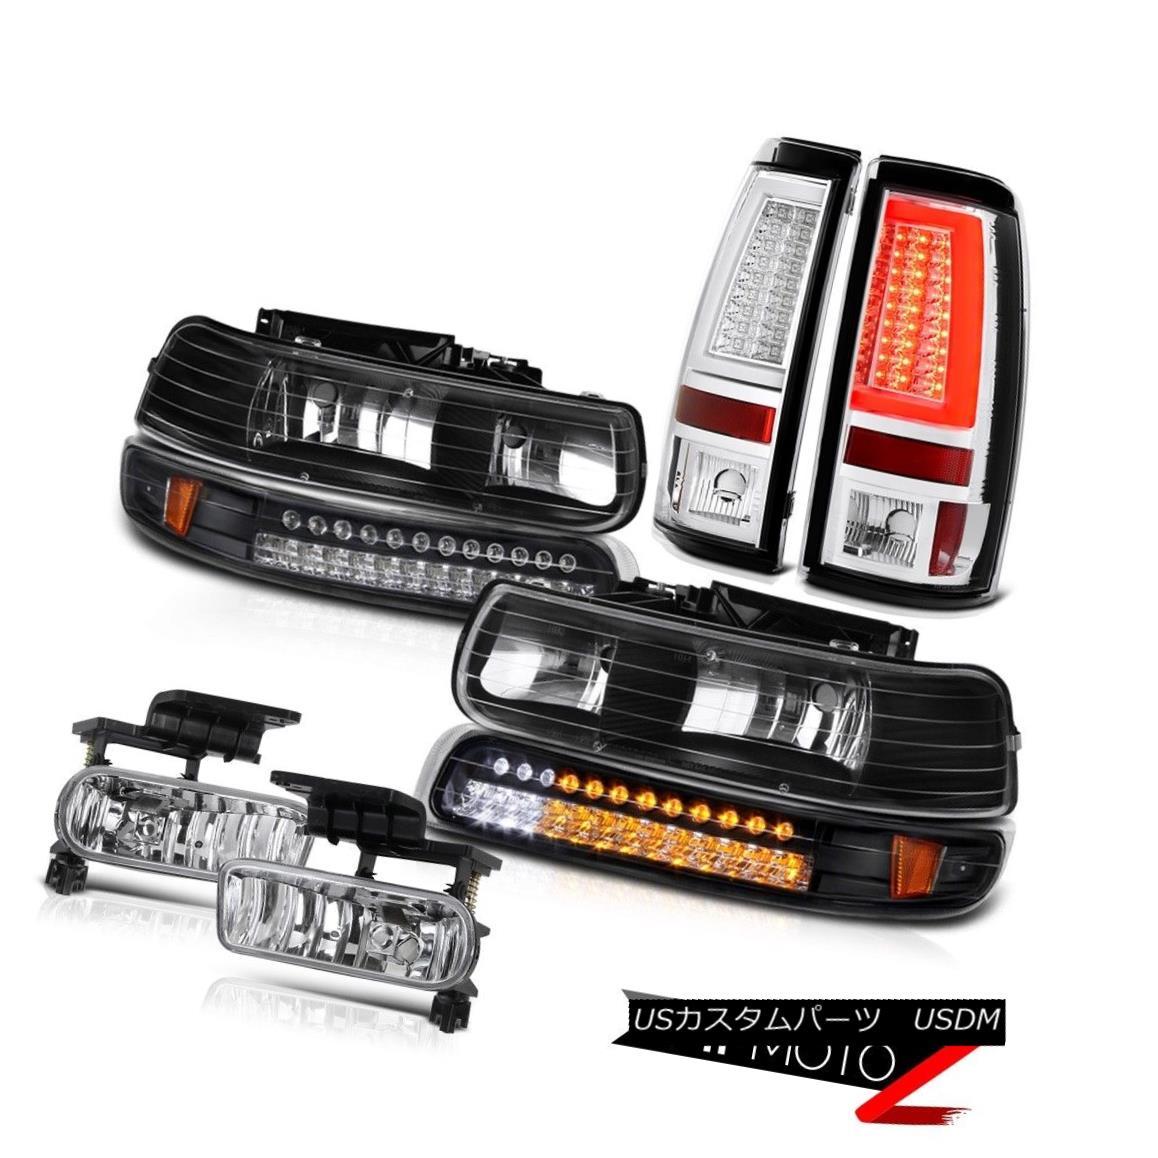 テールライト 99 00 01 02 Silverado LS Taillights Fog Lights Signal Light Tron Style Tron Tube 99 00 01 02 Silverado LS灯台フォグライトシグナルライトトロンスタイルトロンチューブ